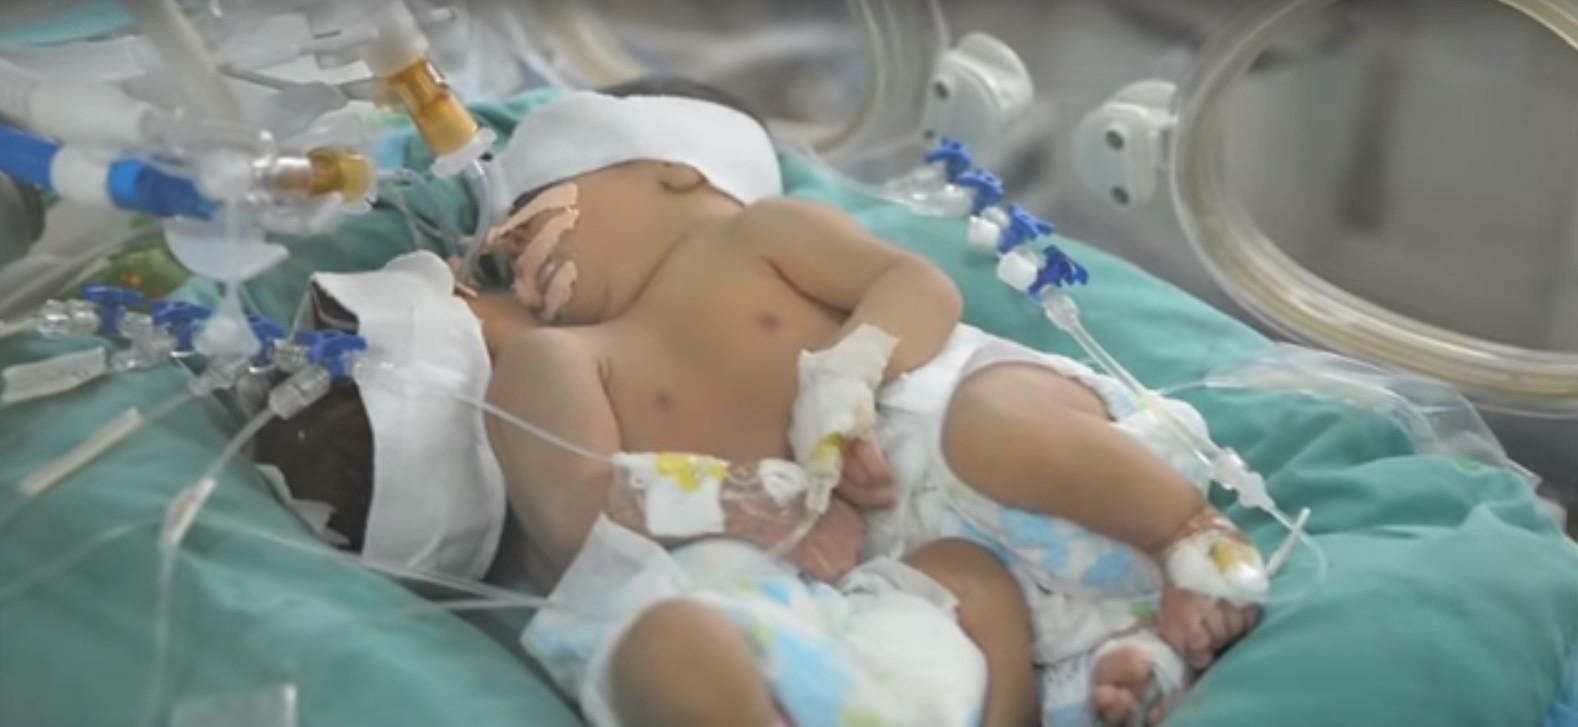 Gêmeas siamesas nascem na Mauritânia e permanecem em observação até que sejam transferidas para centro médico especializado.  (Foto: Africanews/Reprodução)